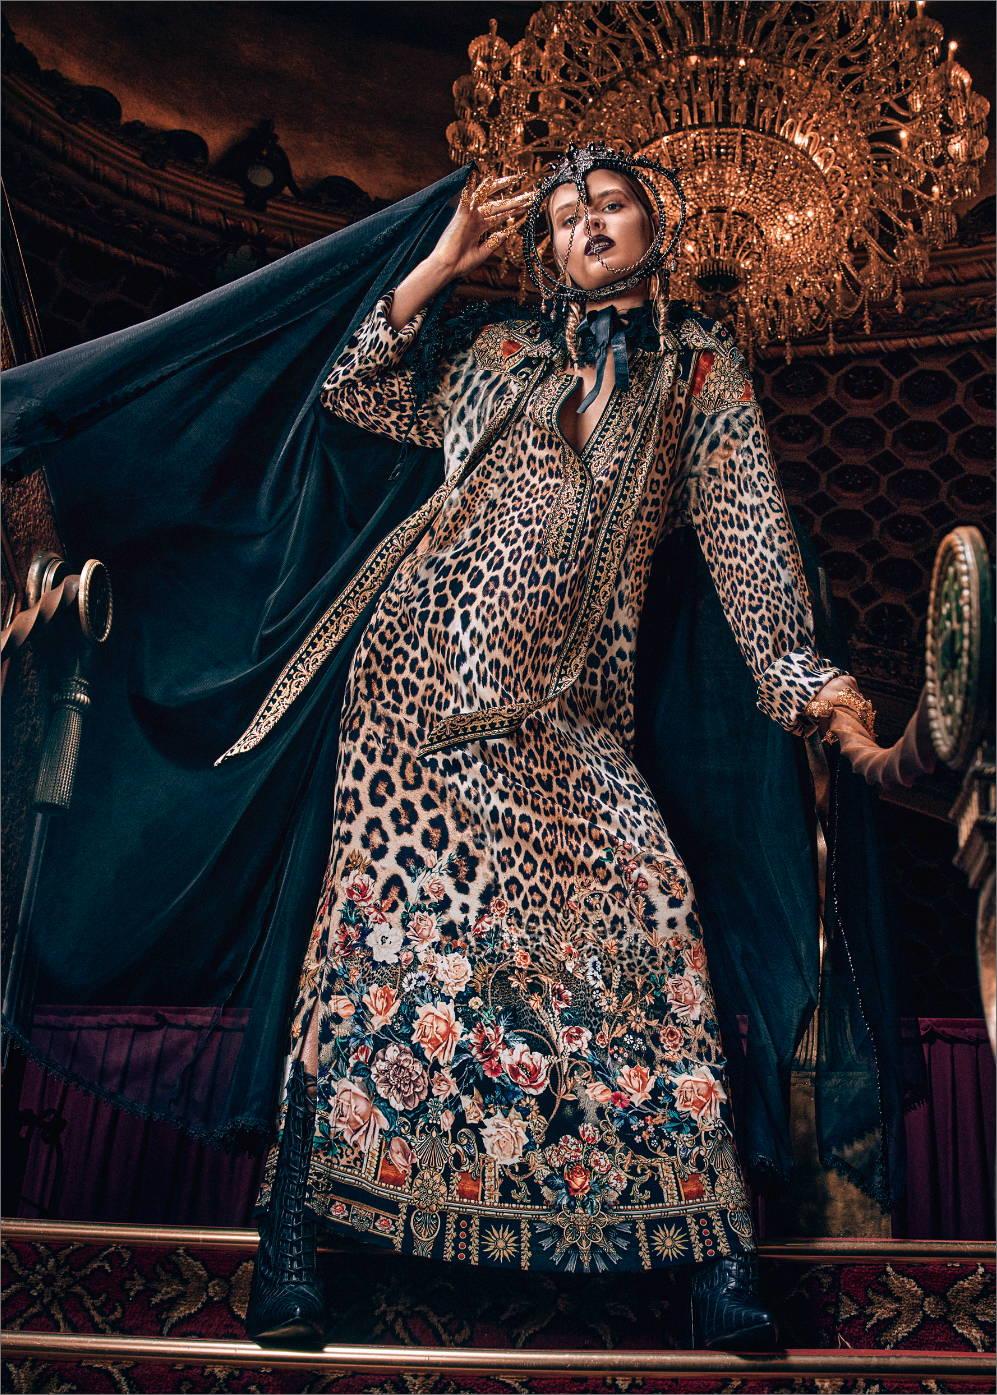 camilla new arrivals, leopard print dress